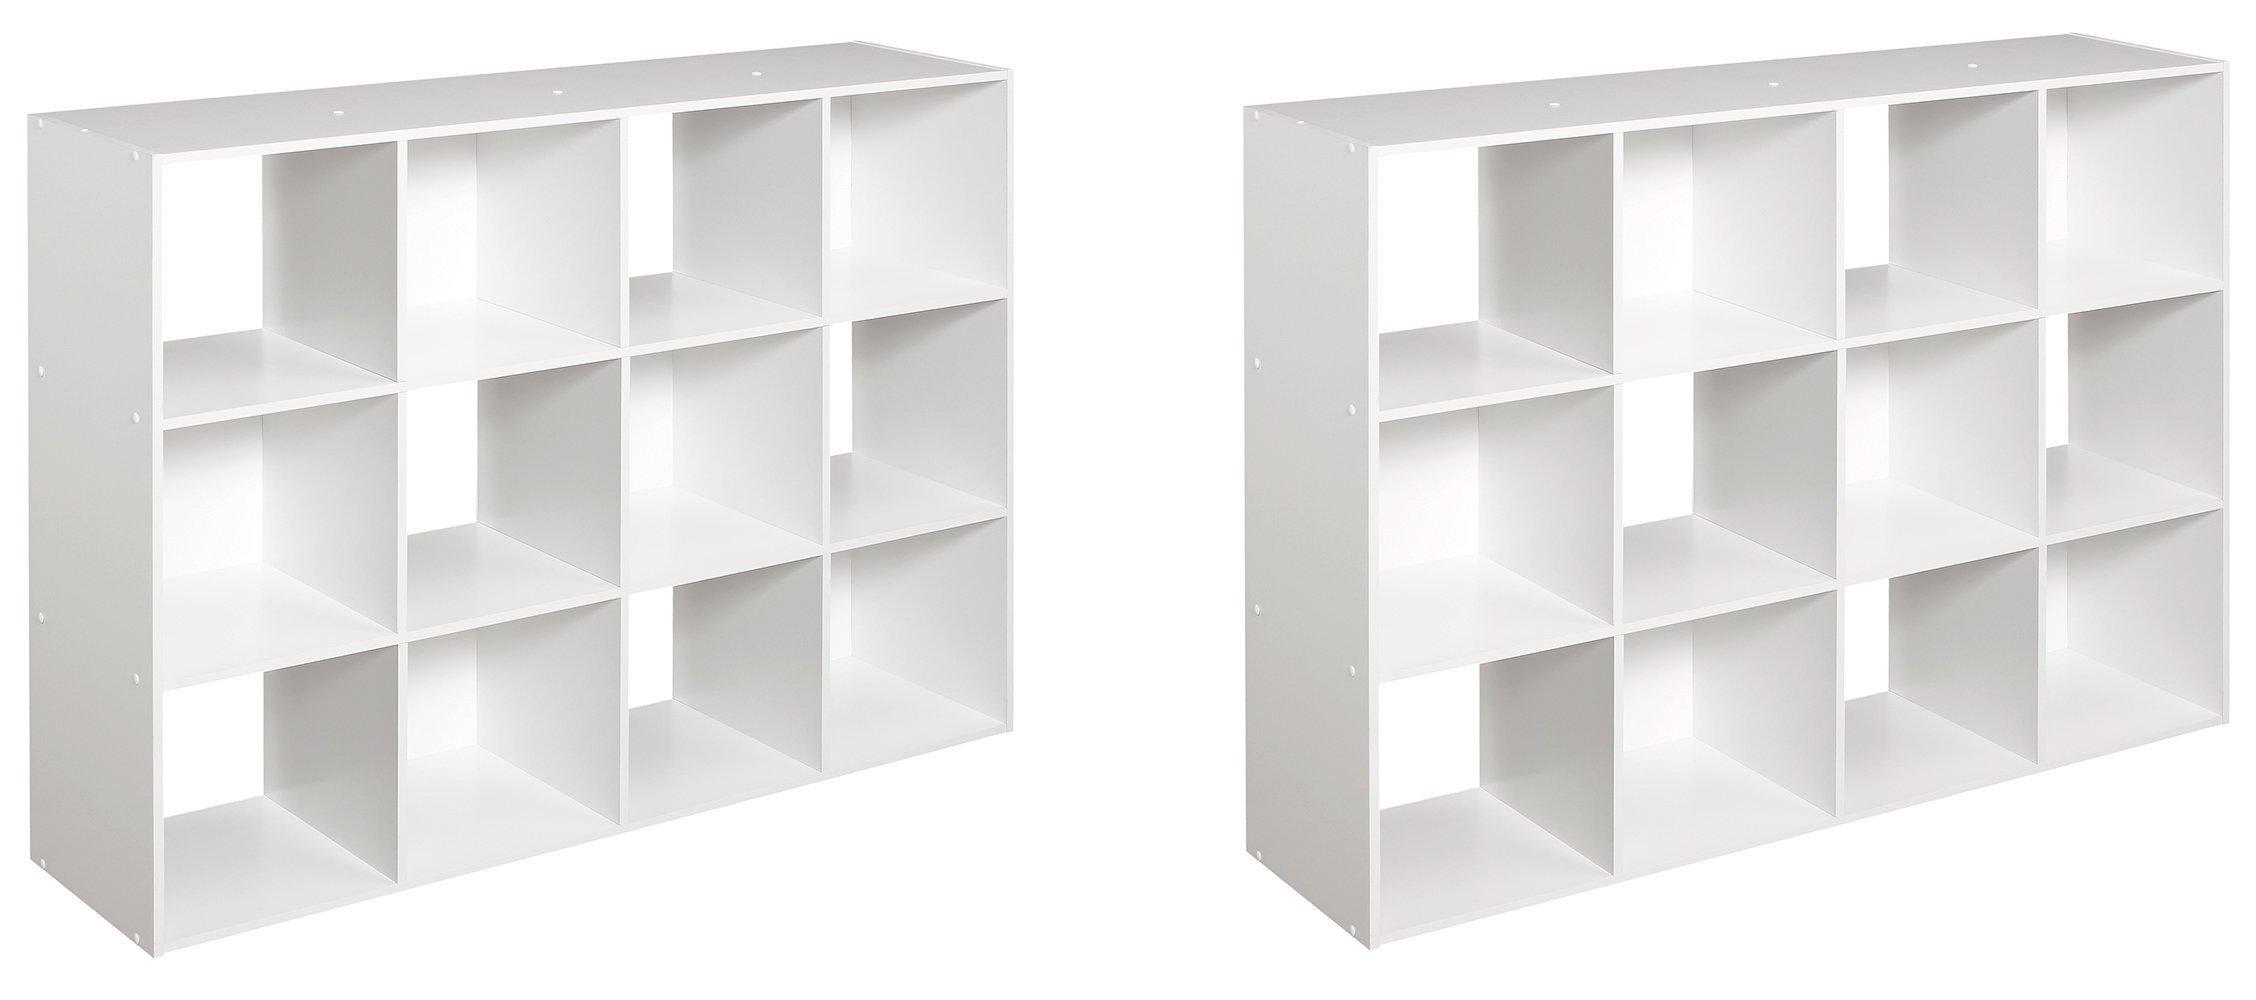 ClosetMaid 1290 Cubeicals 12-Cube Organizer, White, 2-Pack